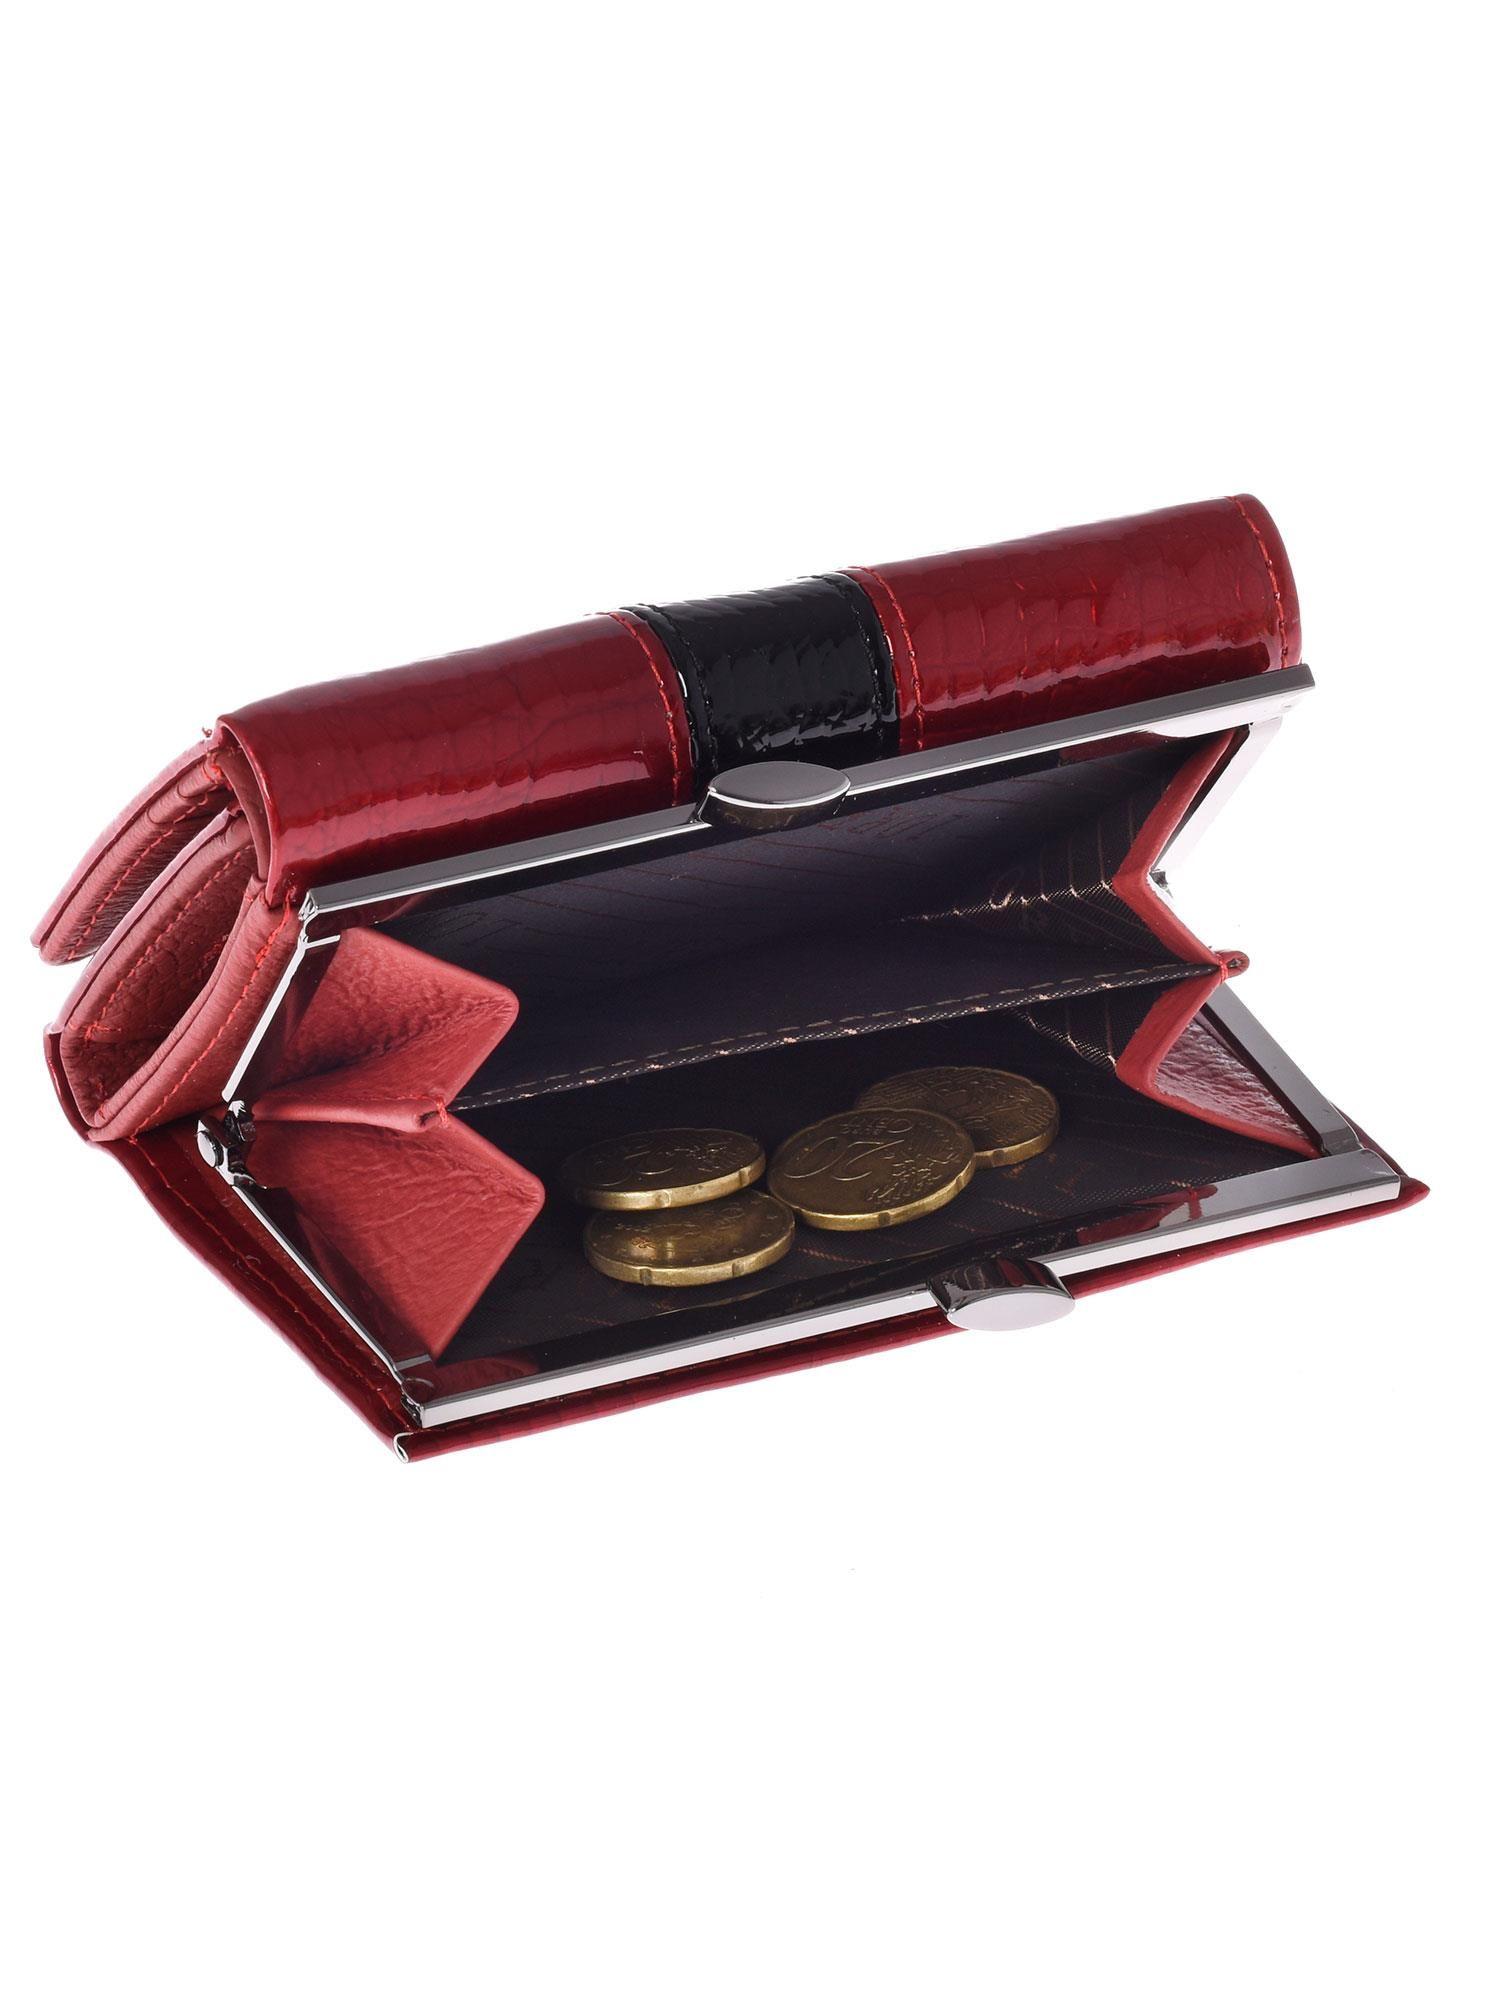 b098f64439072 Czerwony skórzany portfel damski ze wzorem skóry krokodyla - Akcesoria  portfele - sklep eButik.pl